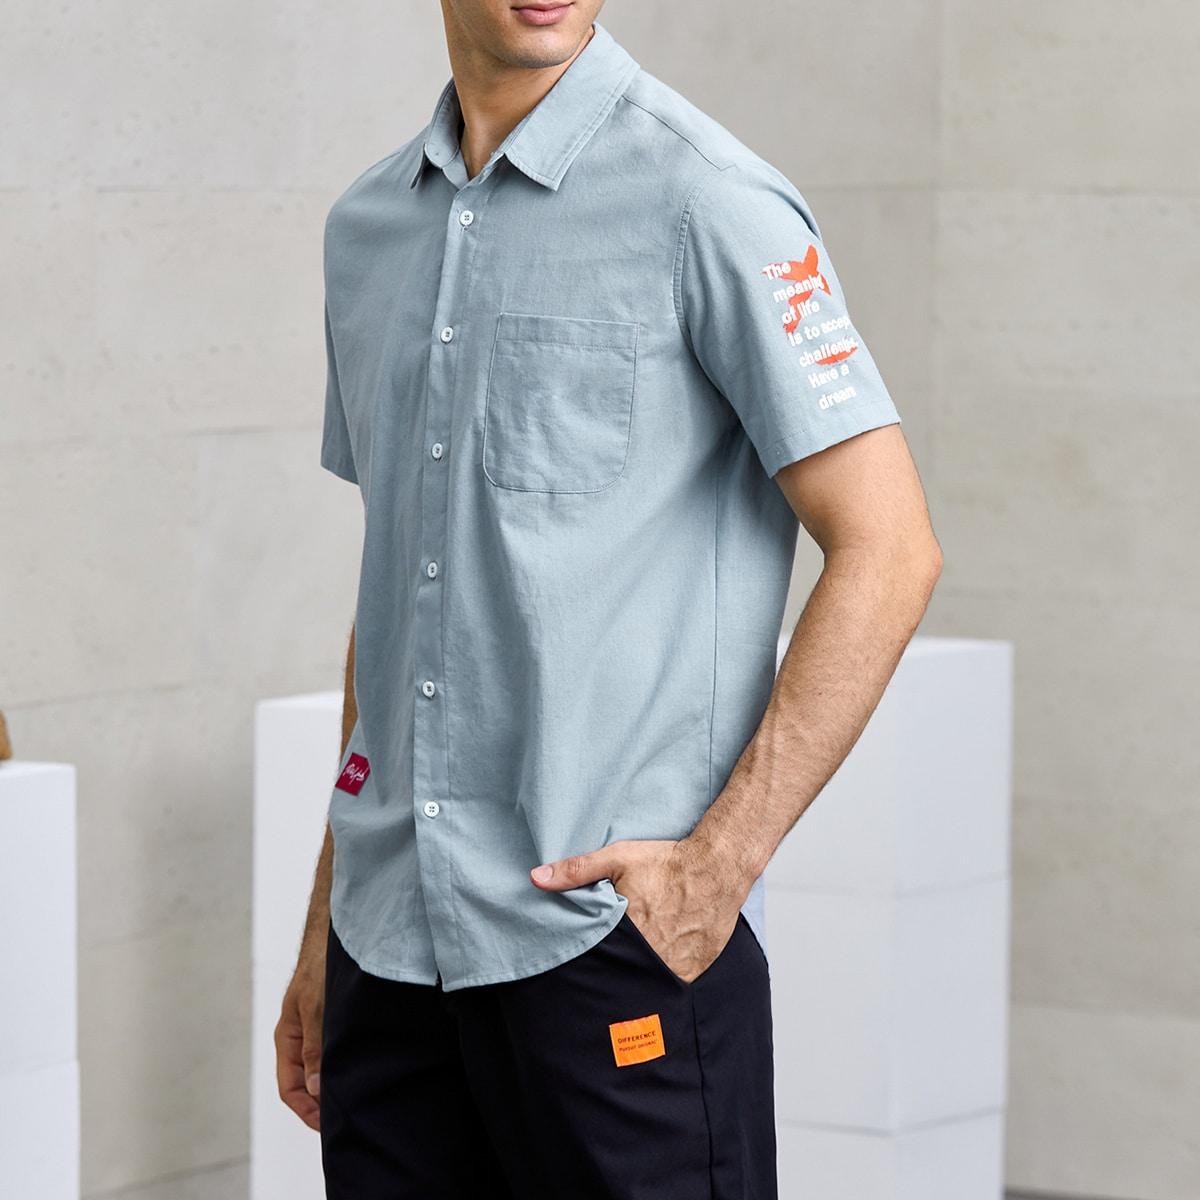 Мужской Рубашка с текстовым принтом с краманом